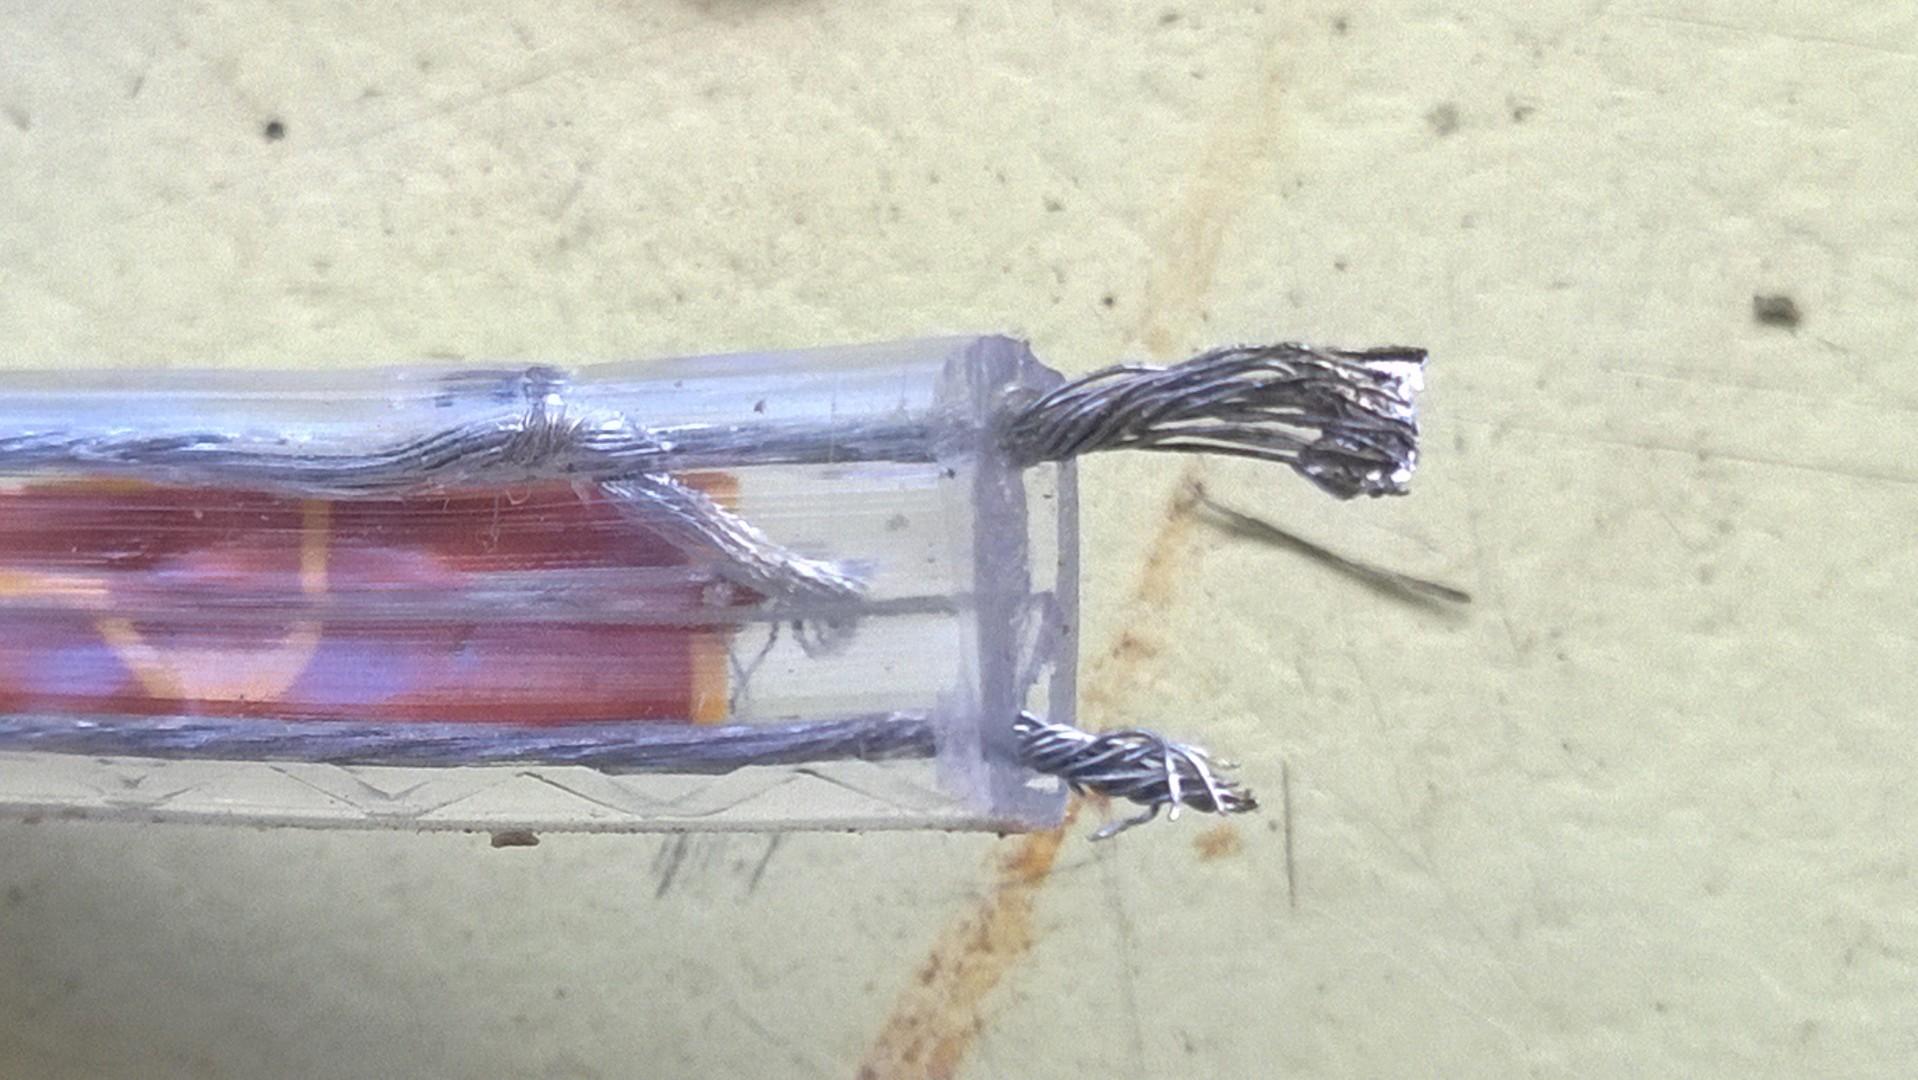 hight resolution of led strip back led strip front soldering